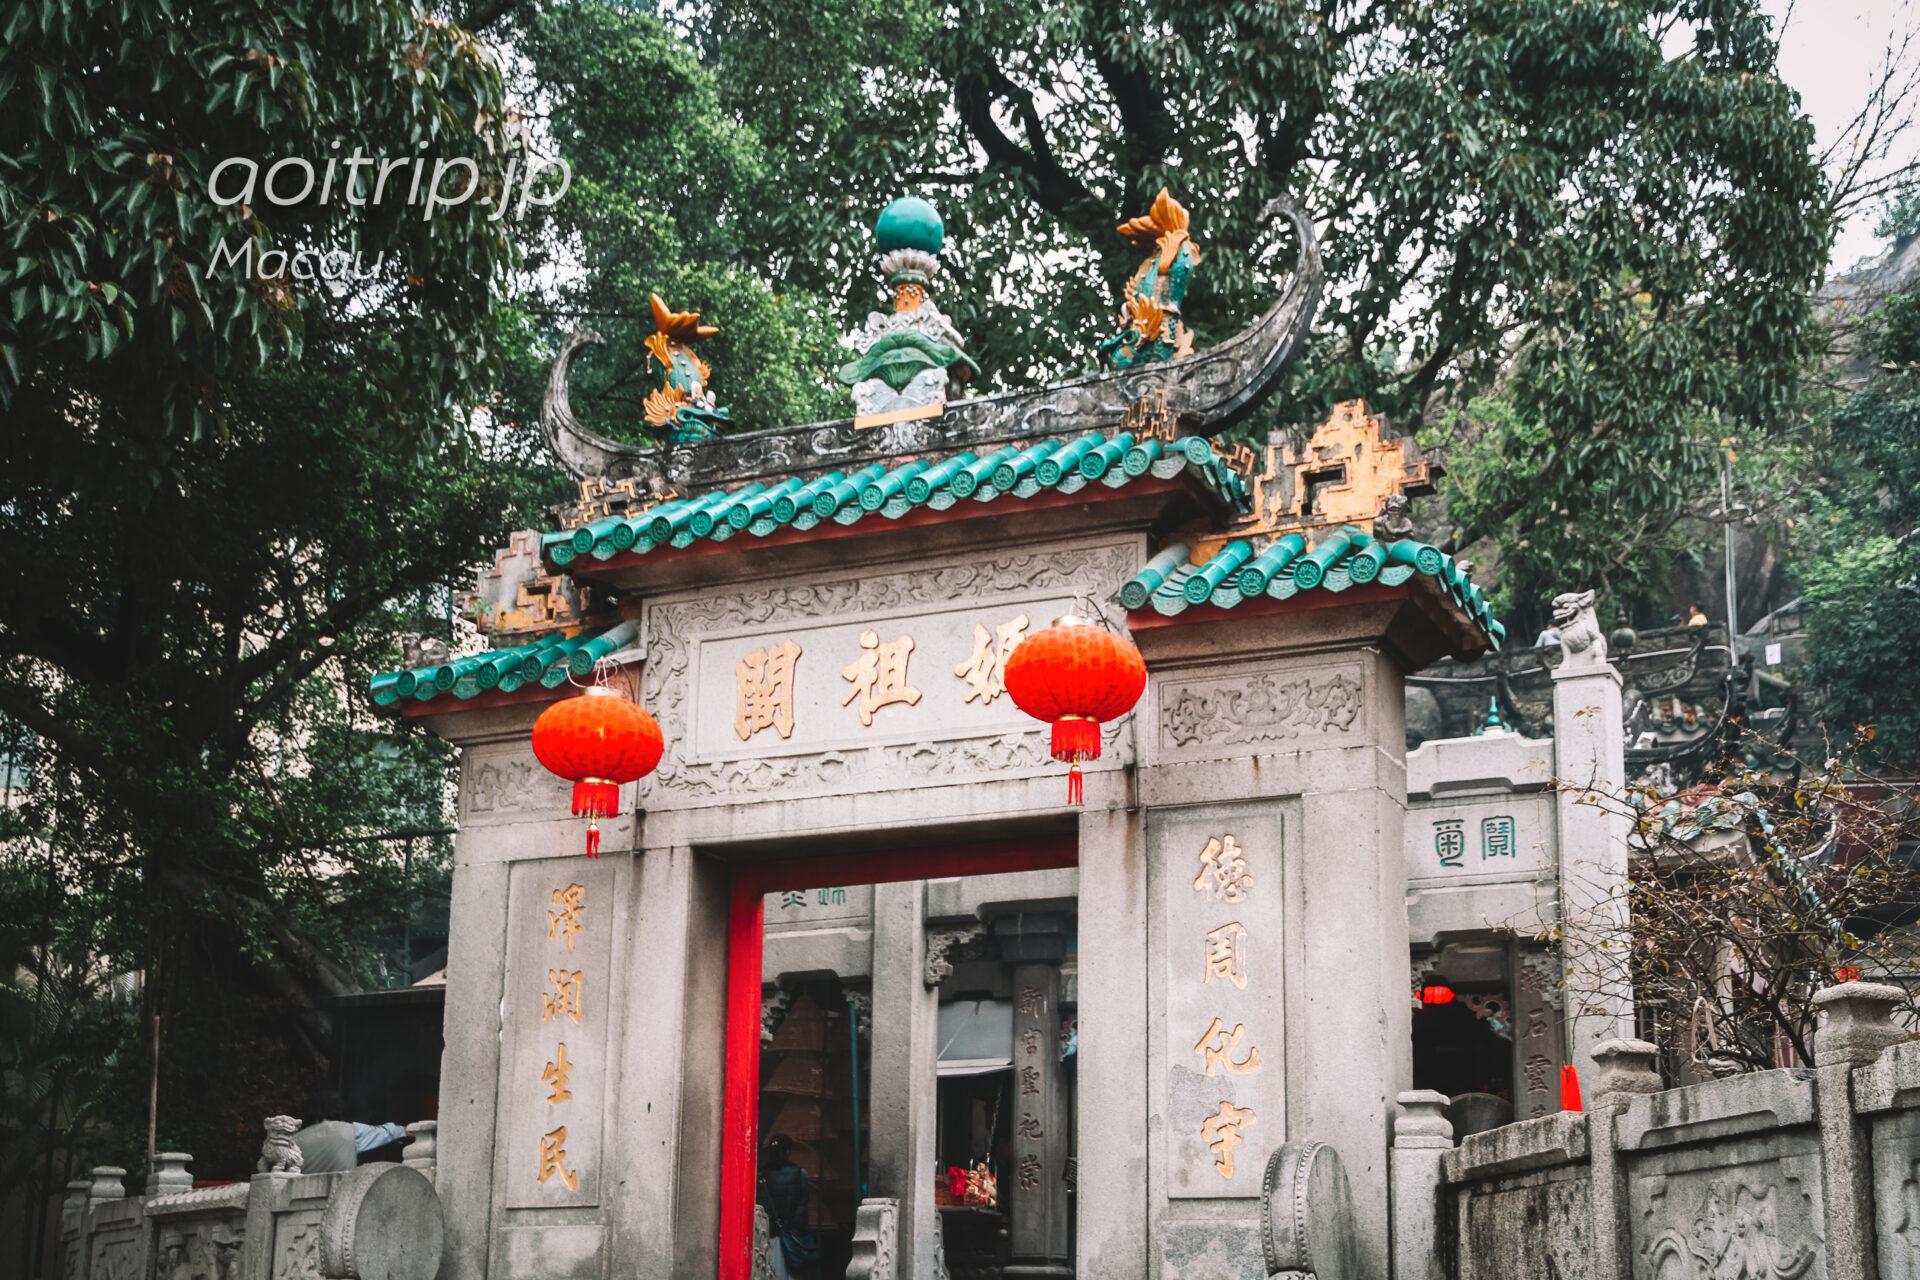 マカオ 媽閣廟 A-Ma Temple